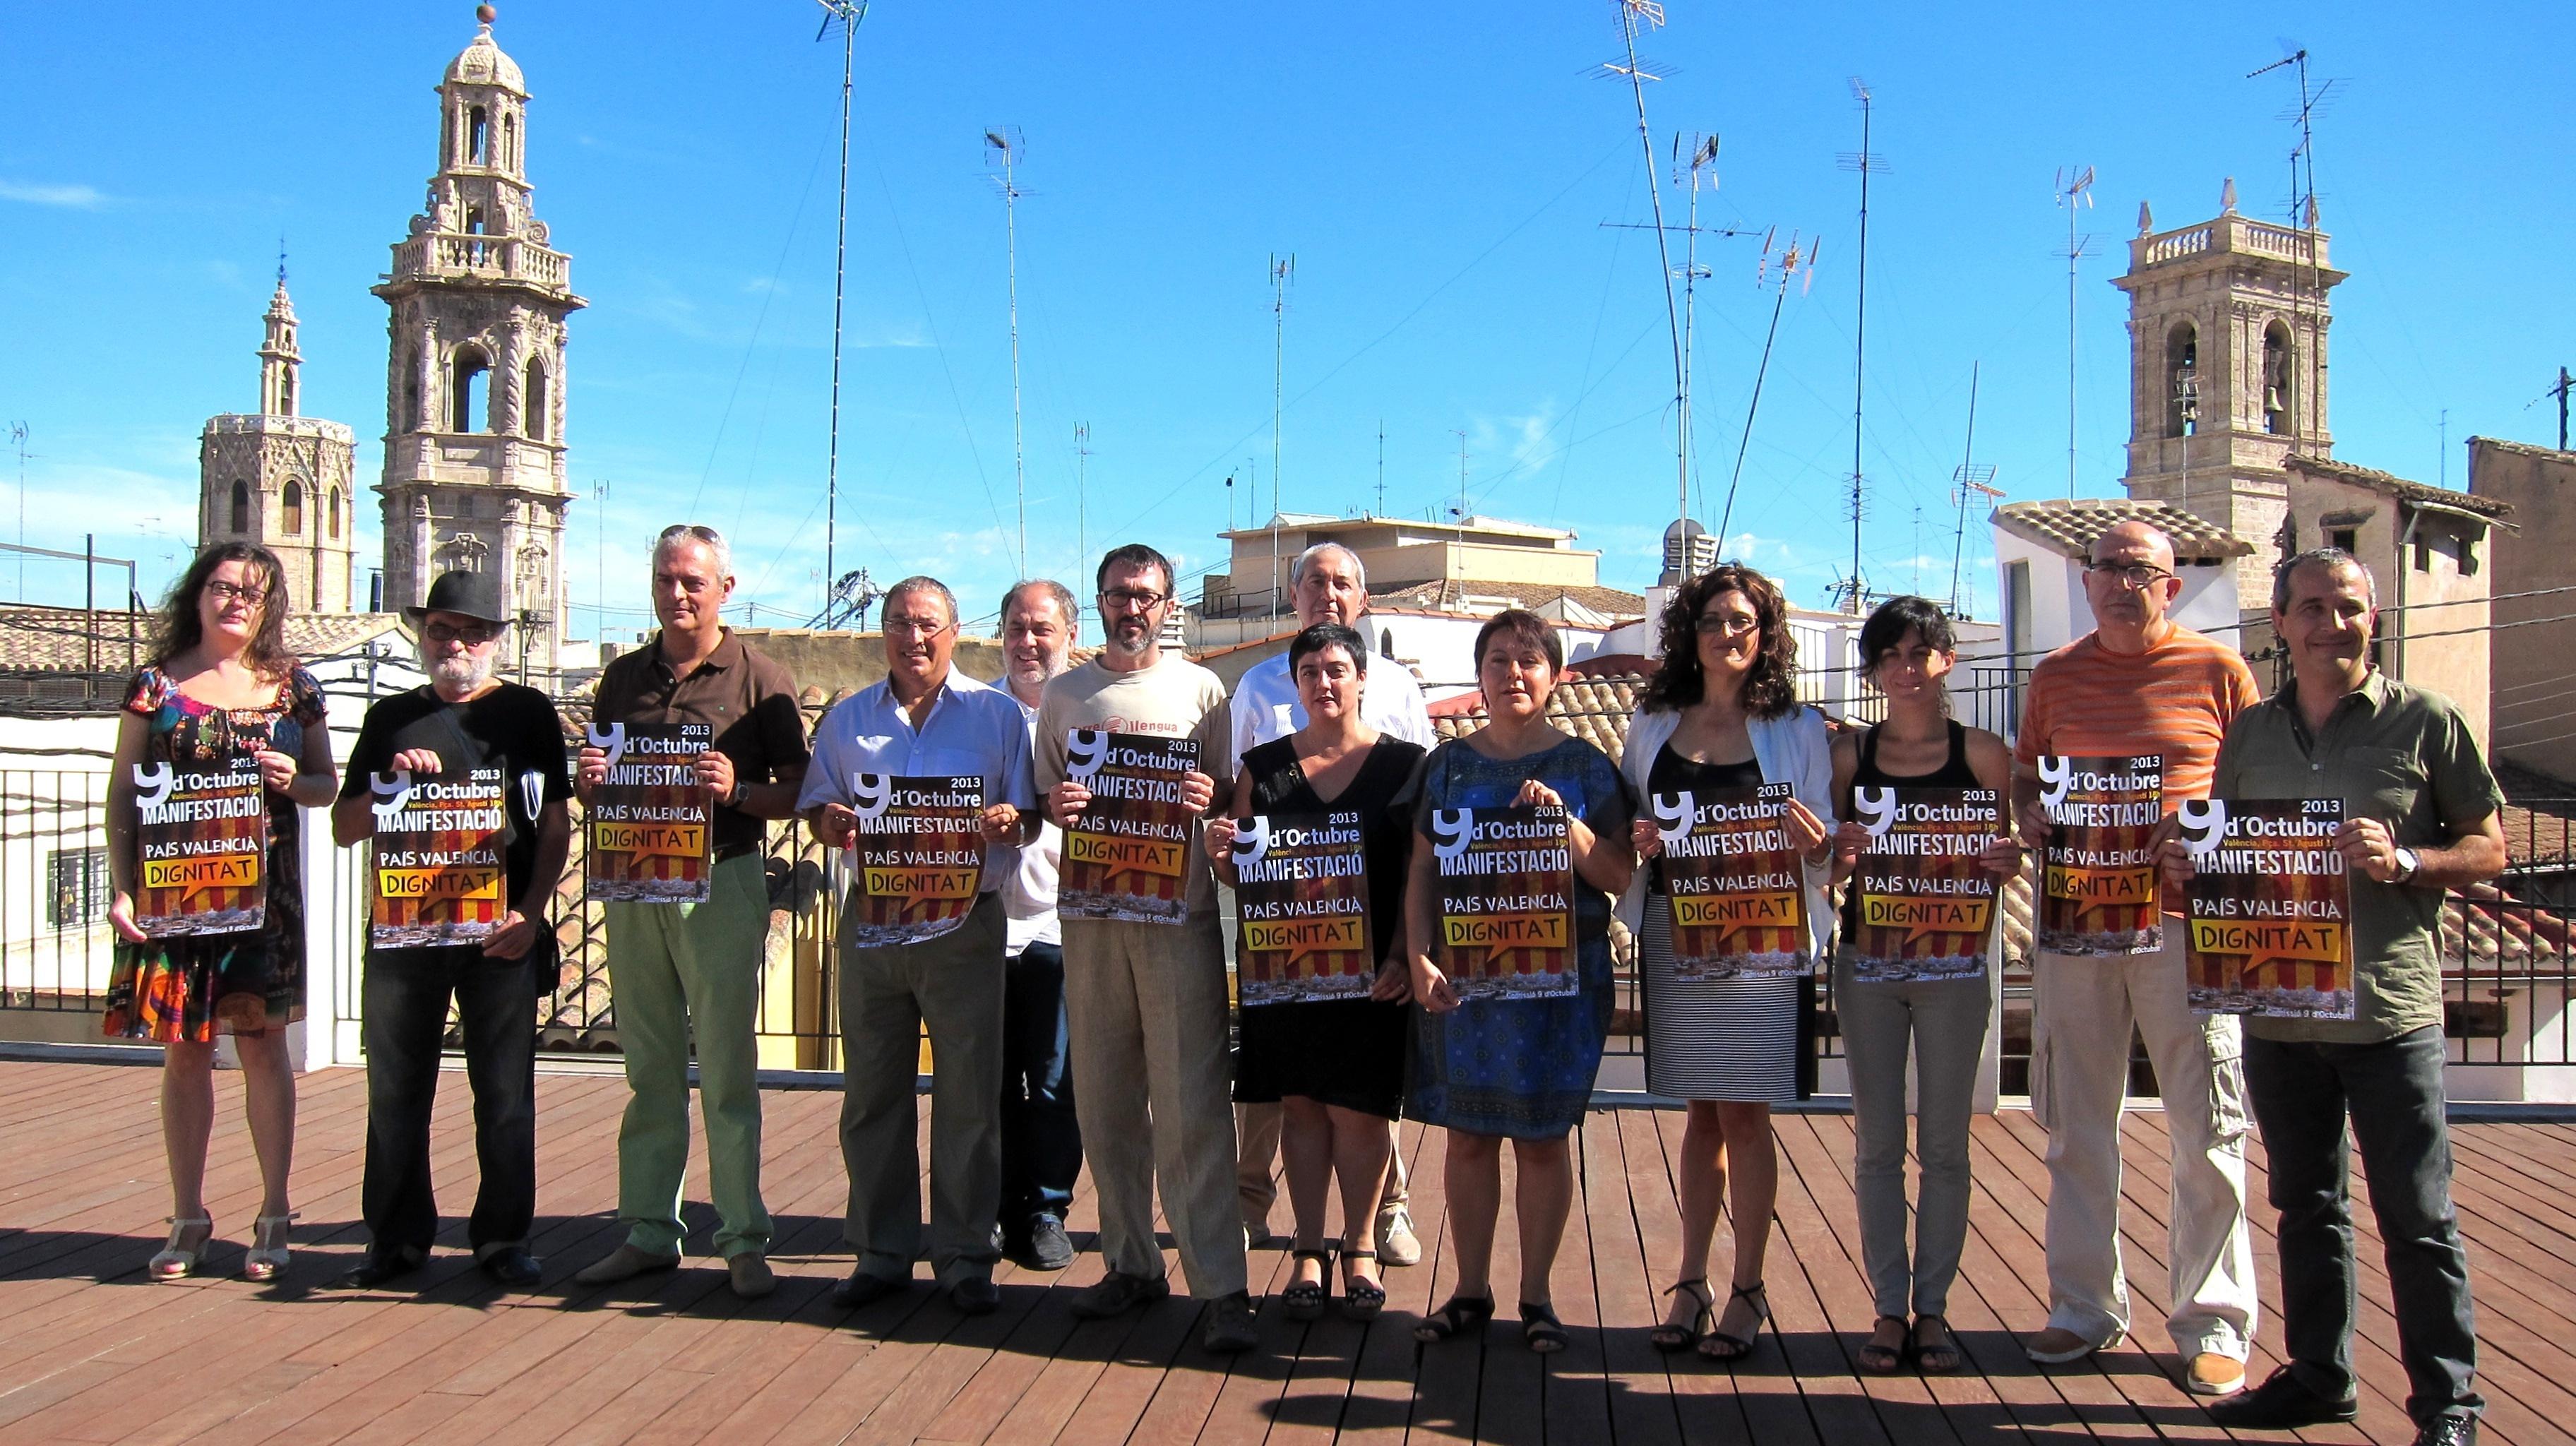 La manifestación del 9 d»Octubre reivindicará la «dignidad» del »País Valencià»